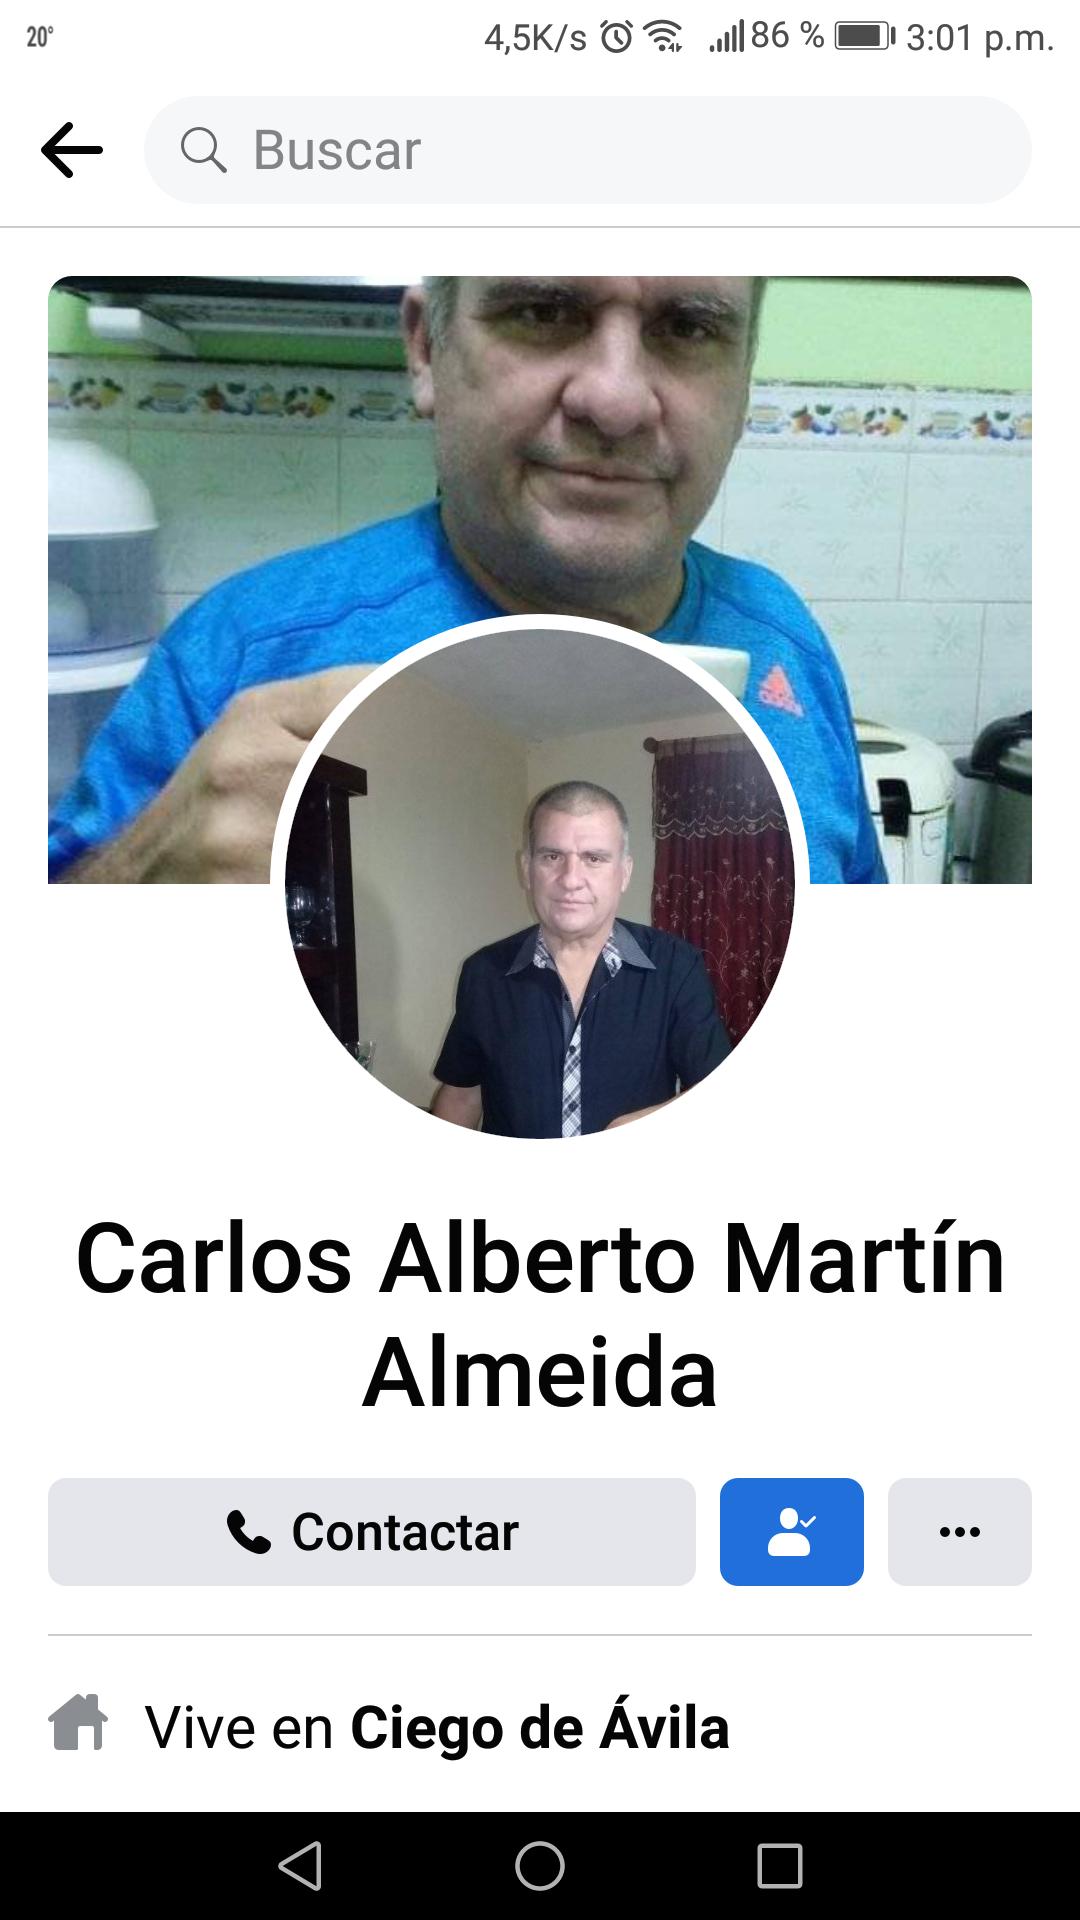 Carlos Alberto Martin Almeida